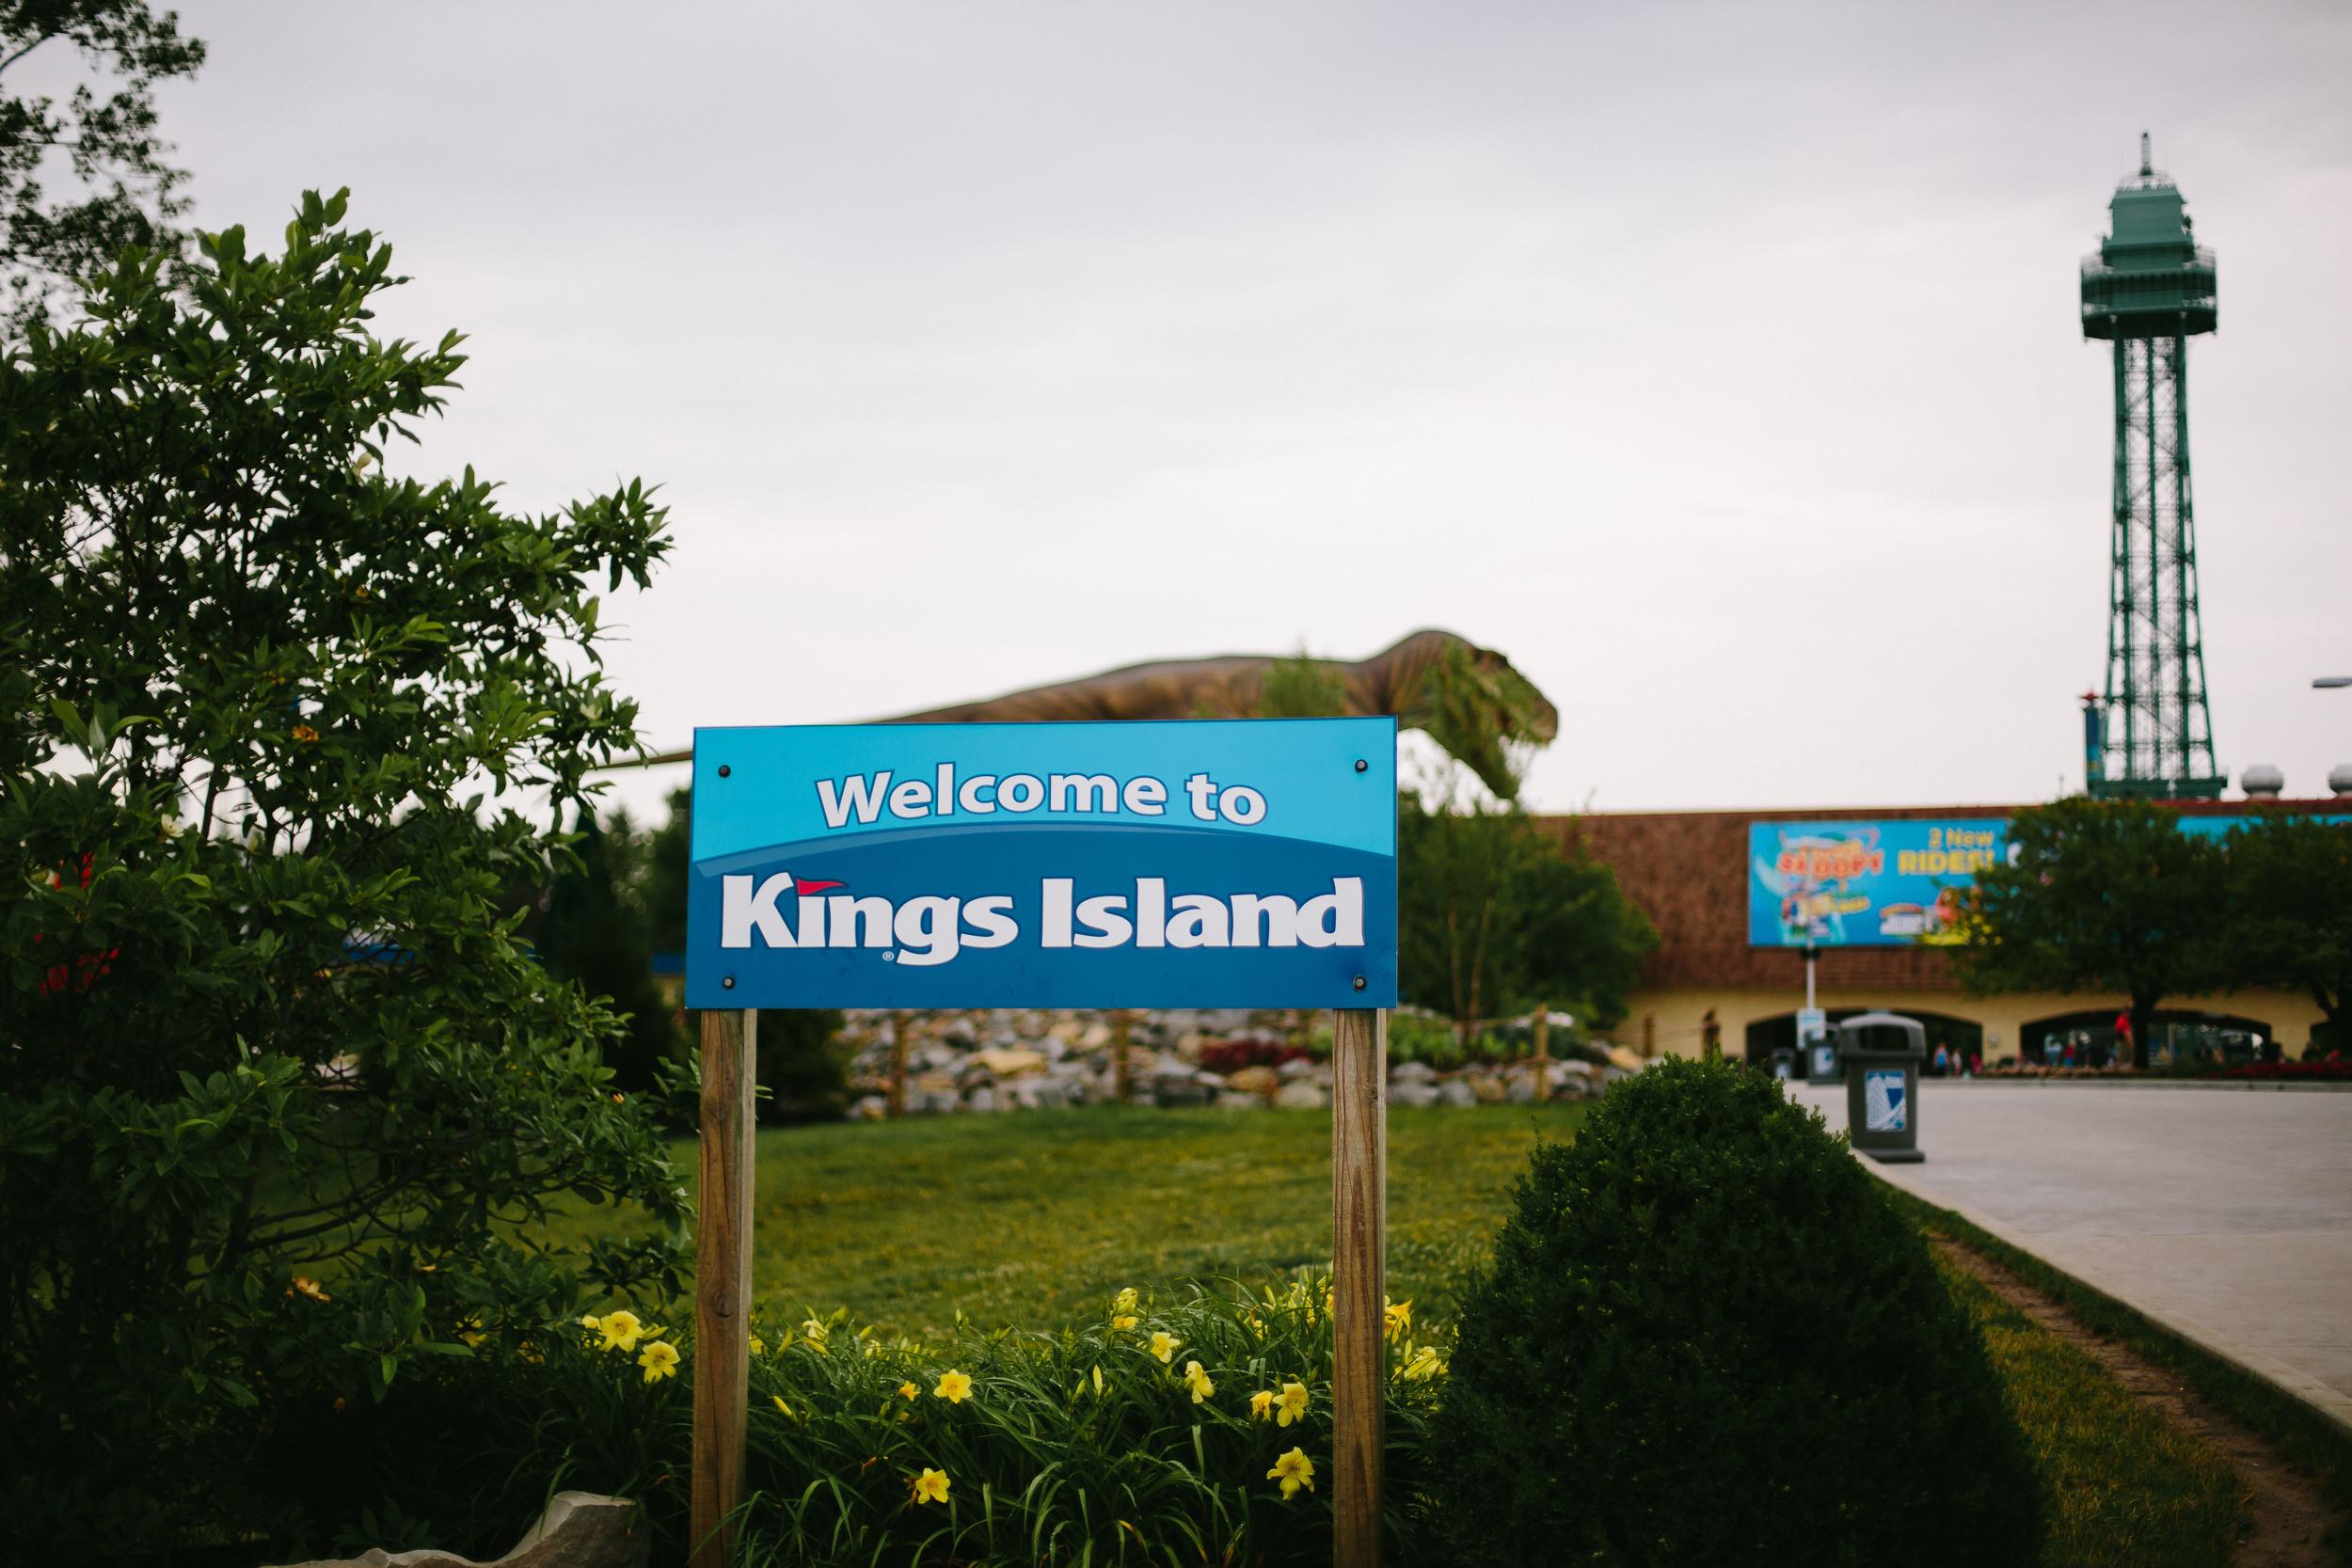 Kings Island-Leanne & Wayne-Corrie Mick Photography-1.jpg